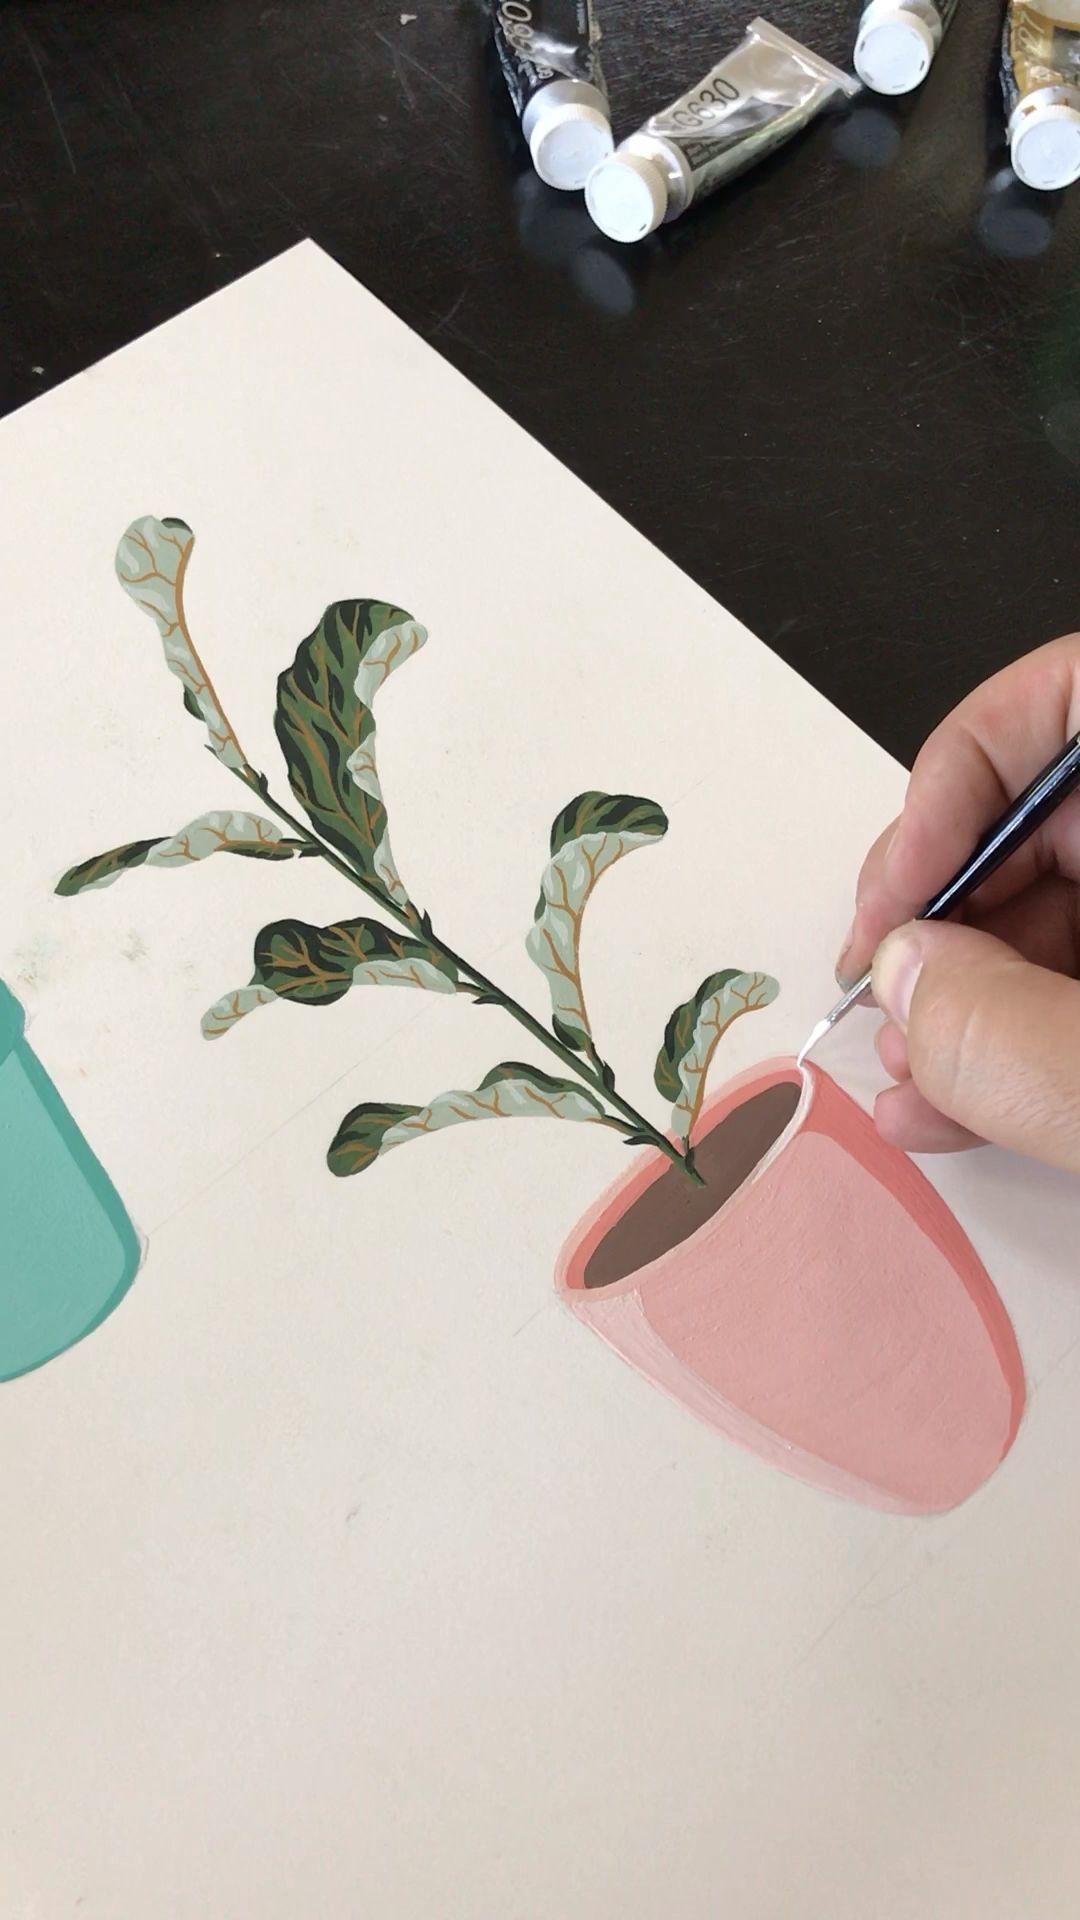 Potted Fiddle-Leaf Fig Plant | Art Print #115 | Boelter Design Co.